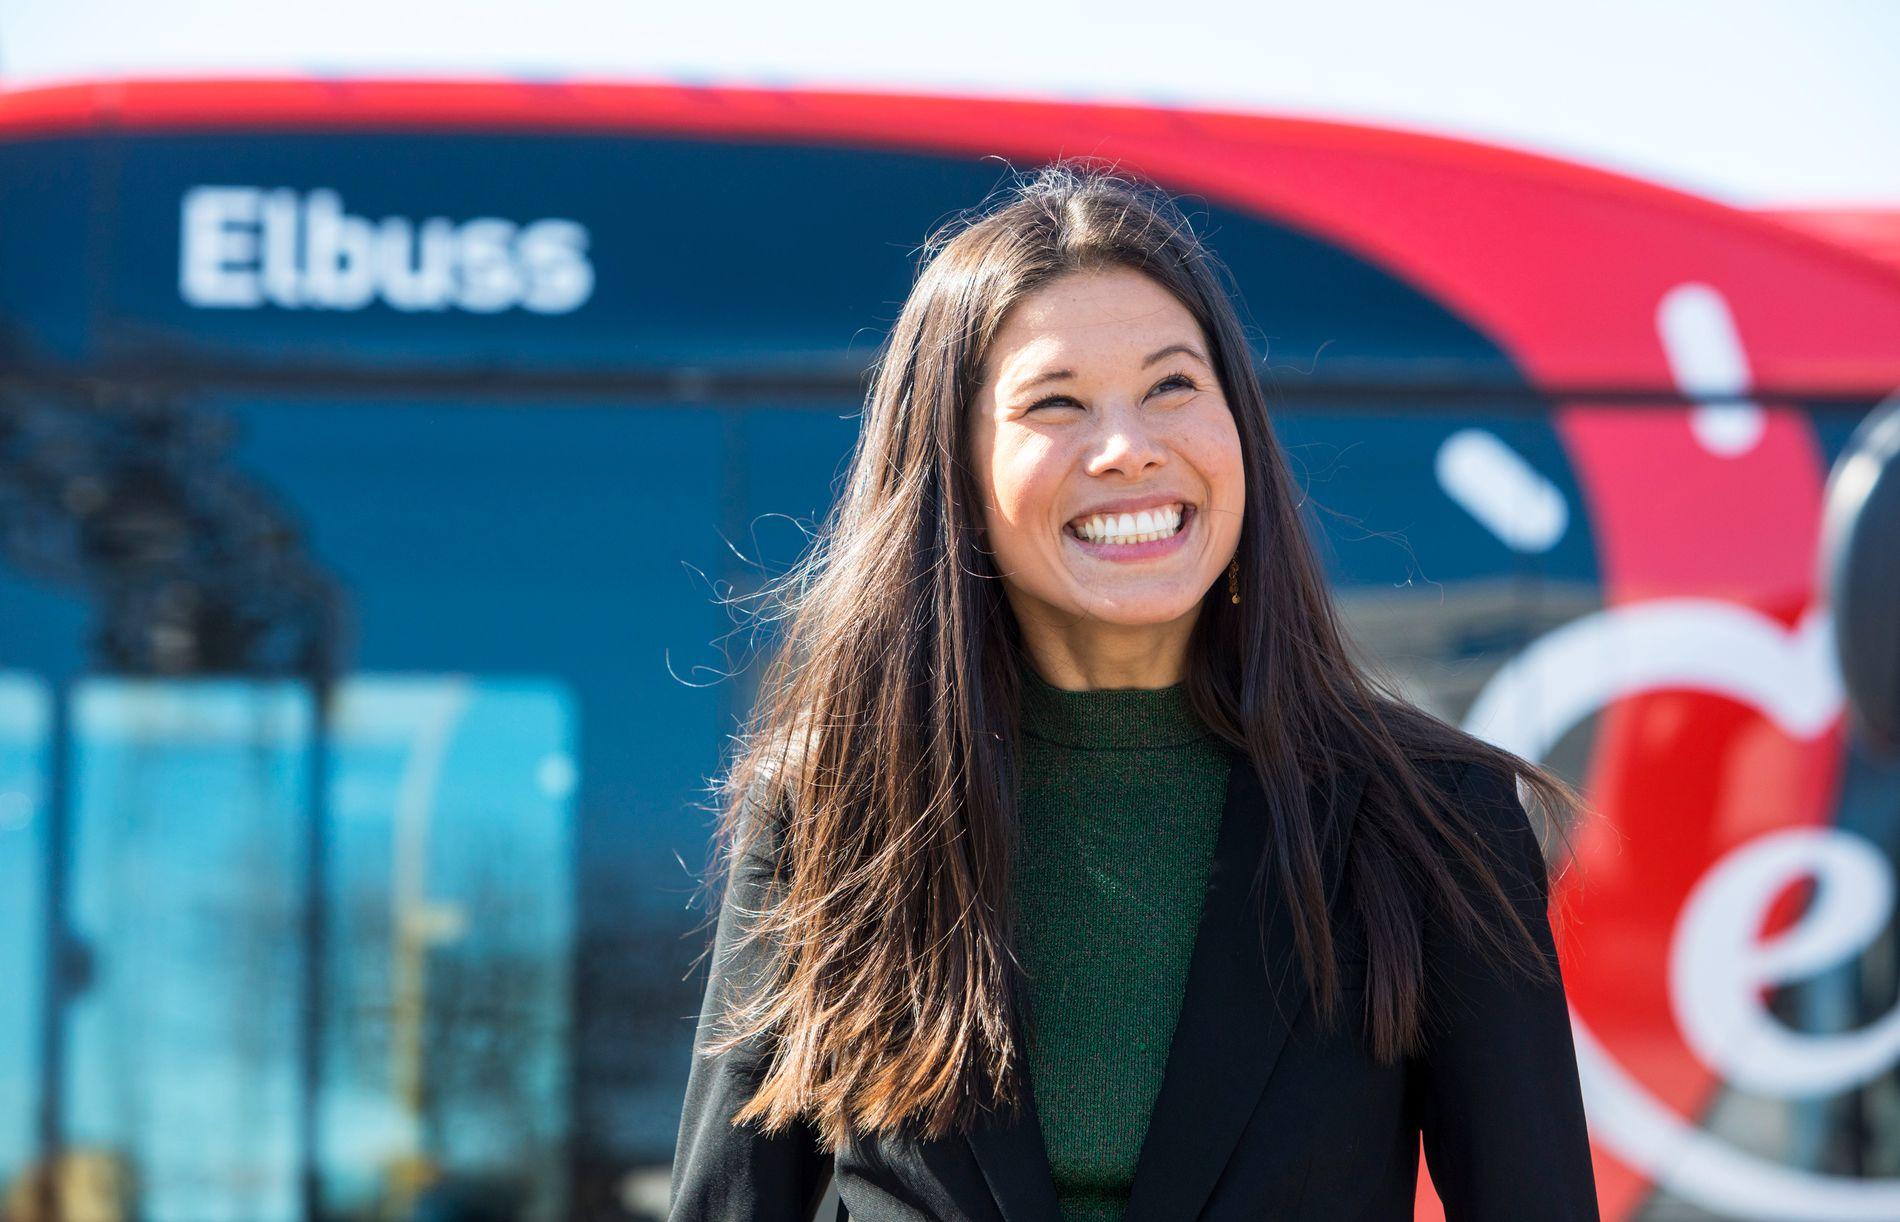 FORNØYD:  Miljø- og samferdselsbyråd Lan Marie Berg synes det er bra at Oslo tester ut ny teknologi slik at man får erfaringer med hvordan den fungerer i typiske «vinterland».  Hun mener det vil gjøre det lettere for andre å komme etter.